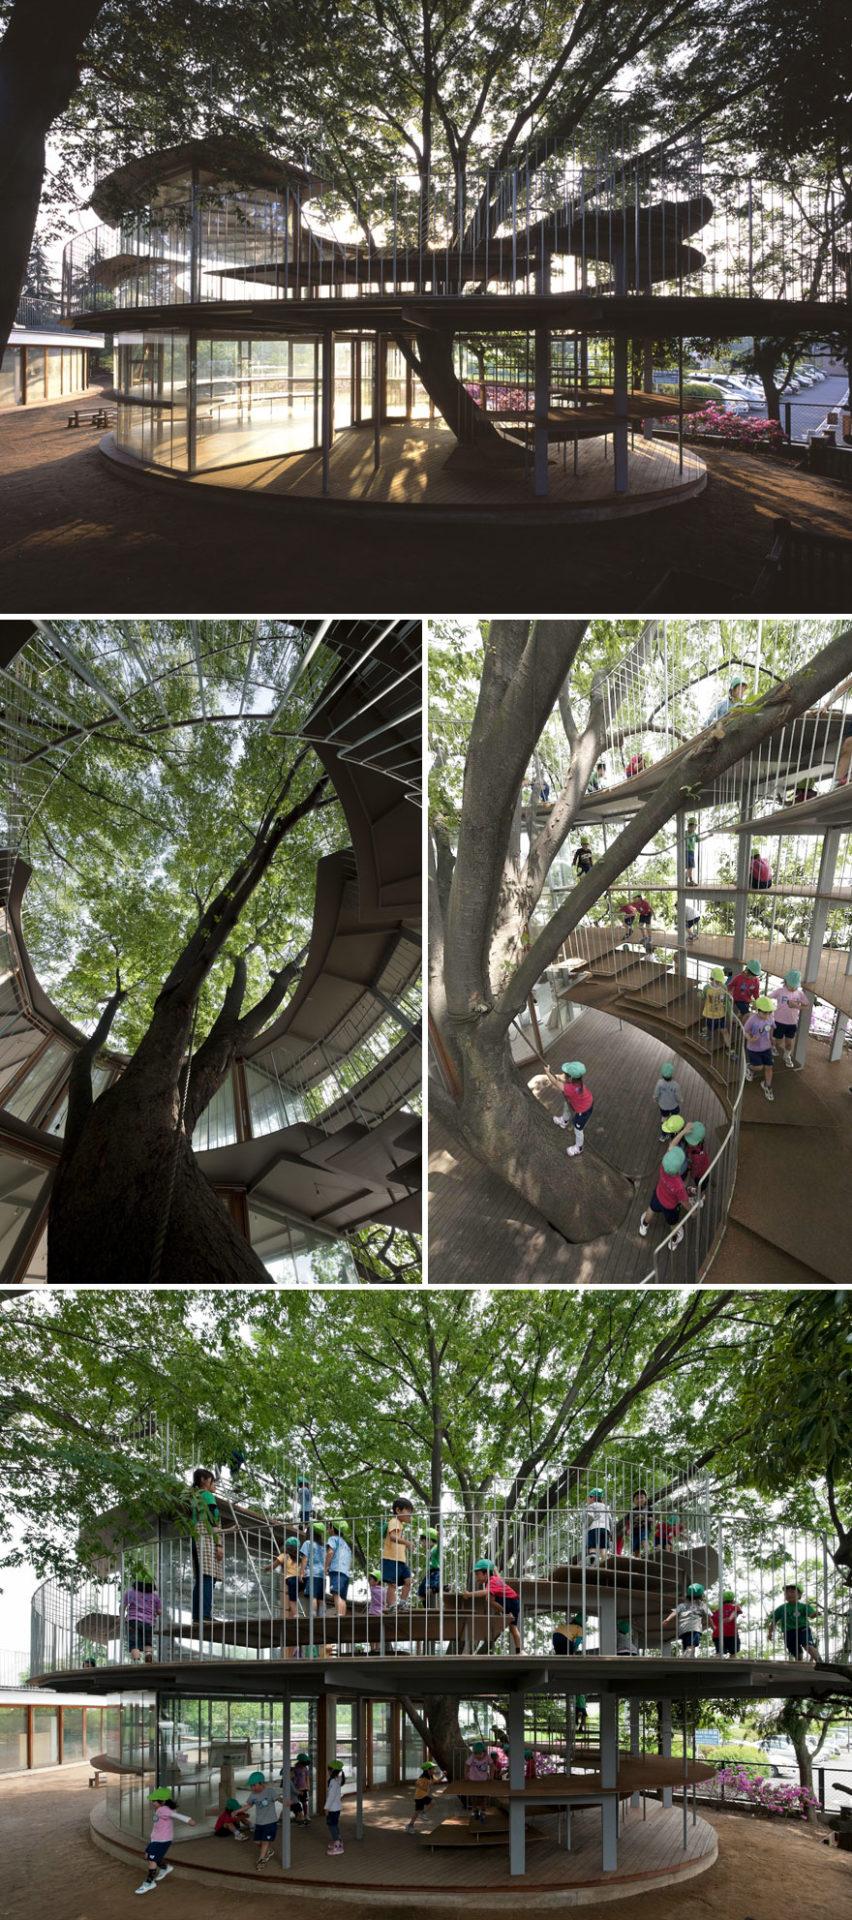 1. Детский сад, построенный вокруг дерева.